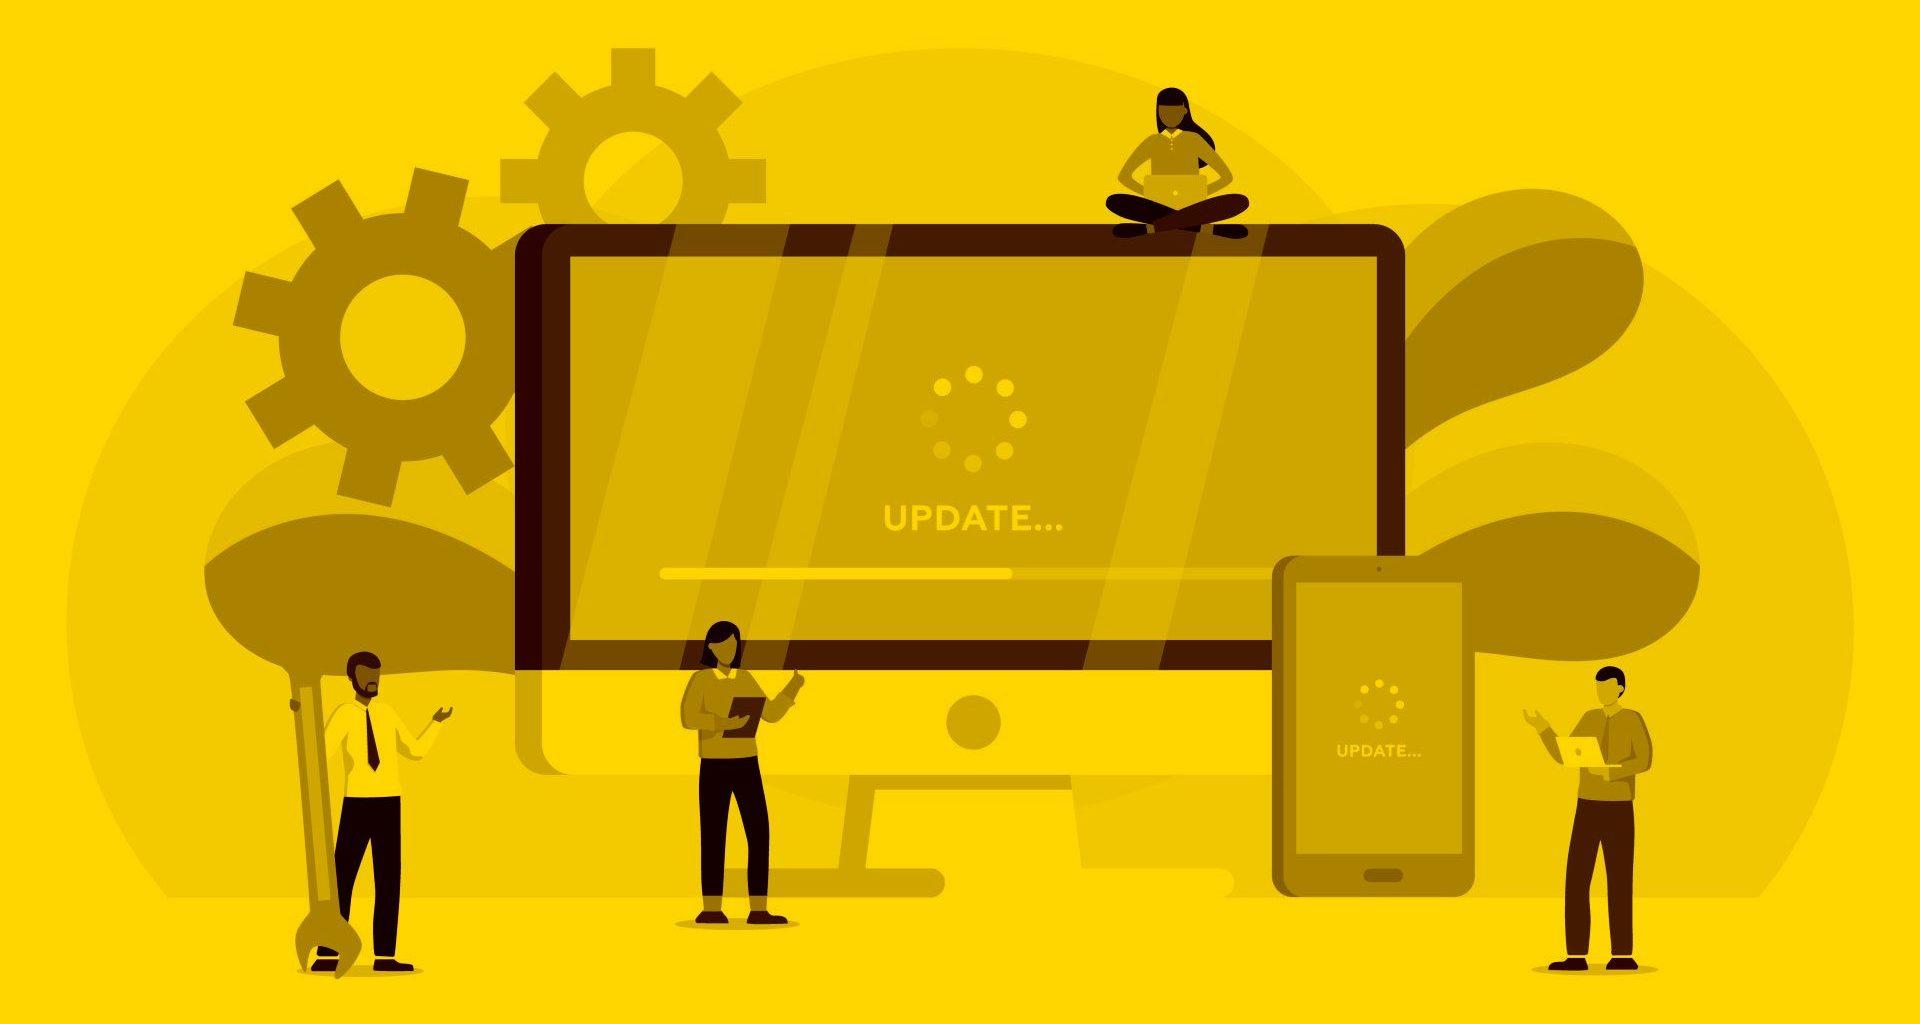 Salia Maklersoftware in der maja.cloud Update